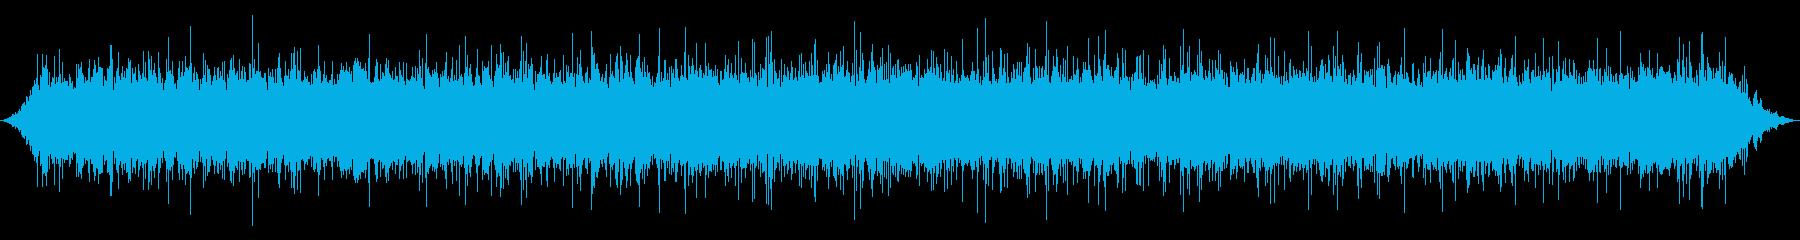 ストリーム:ヘビーボイルアンドバブ...の再生済みの波形